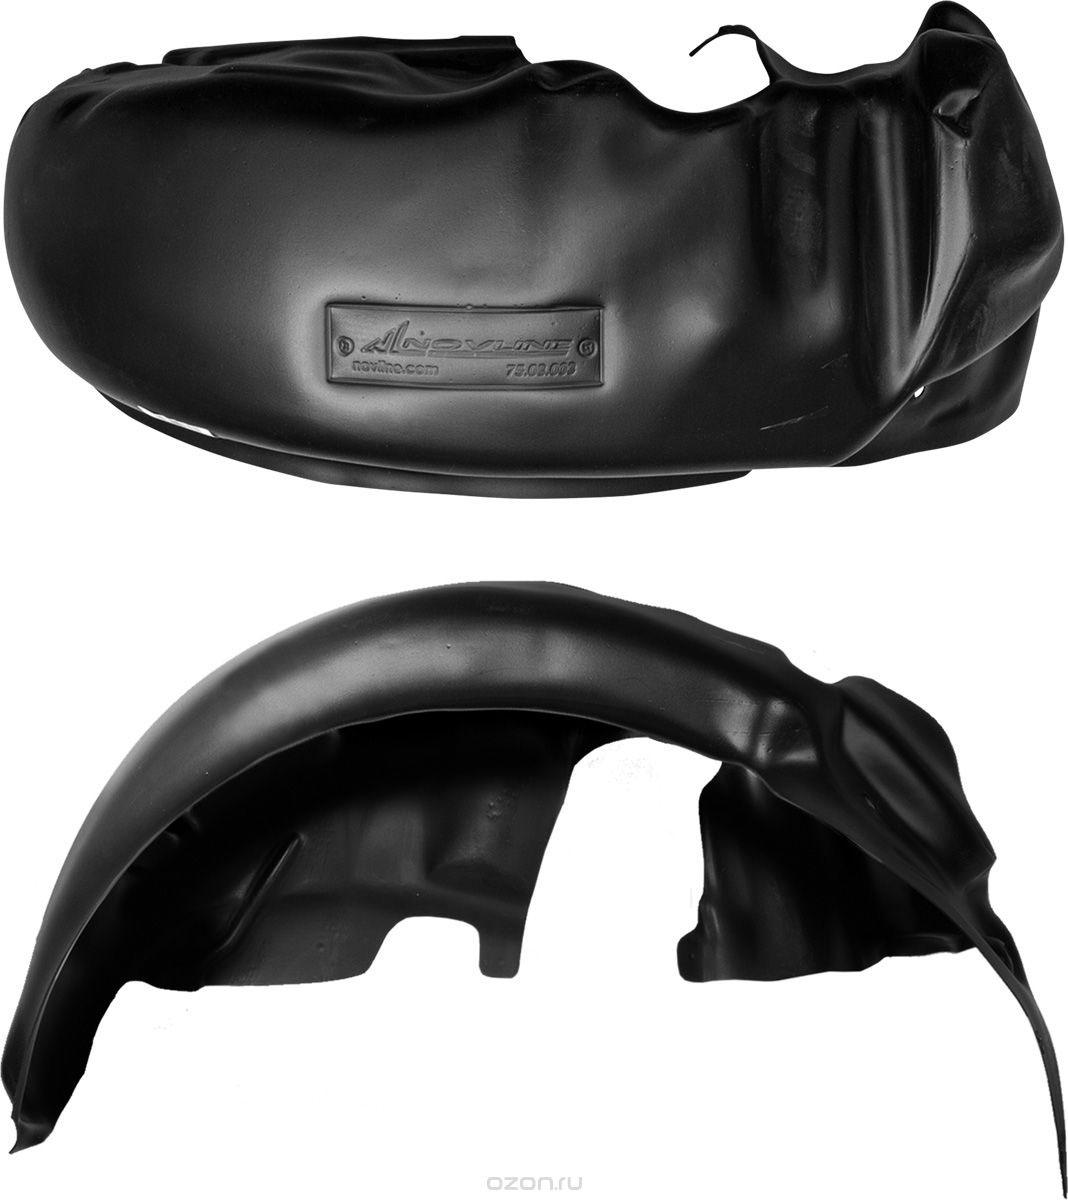 Подкрылок Novline-Autofamily, для CHERY Tiggo 01/2006-2013, передний правыйNLL.63.03.002Идеальная защита колесной ниши. Локеры разработаны с применением цифровых технологий, гарантируют максимальную повторяемость поверхности арки. Изделия устанавливаются без нарушения лакокрасочного покрытия автомобиля, каждый подкрылок комплектуется крепежом. Уважаемые клиенты, обращаем ваше внимание, что фотографии на подкрылки универсальные и не отражают реальную форму изделия. При этом само изделие идет точно под размер указанного автомобиля.